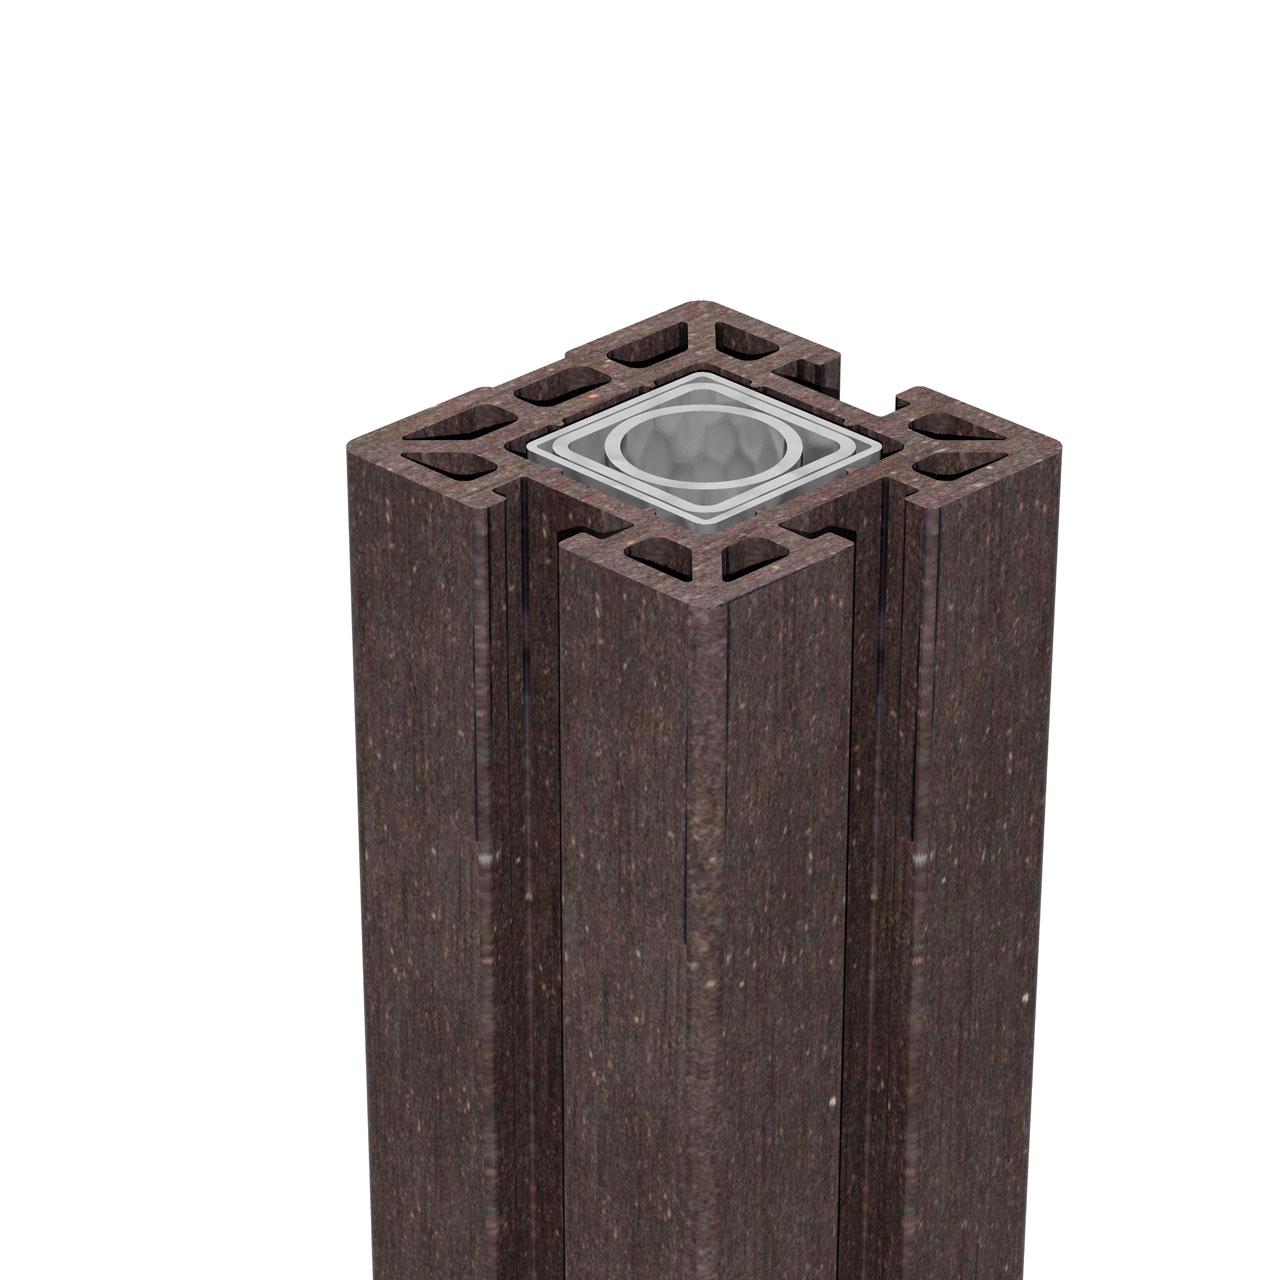 bpc pfosten 10x10 stecksystem solid anthrazit. Black Bedroom Furniture Sets. Home Design Ideas